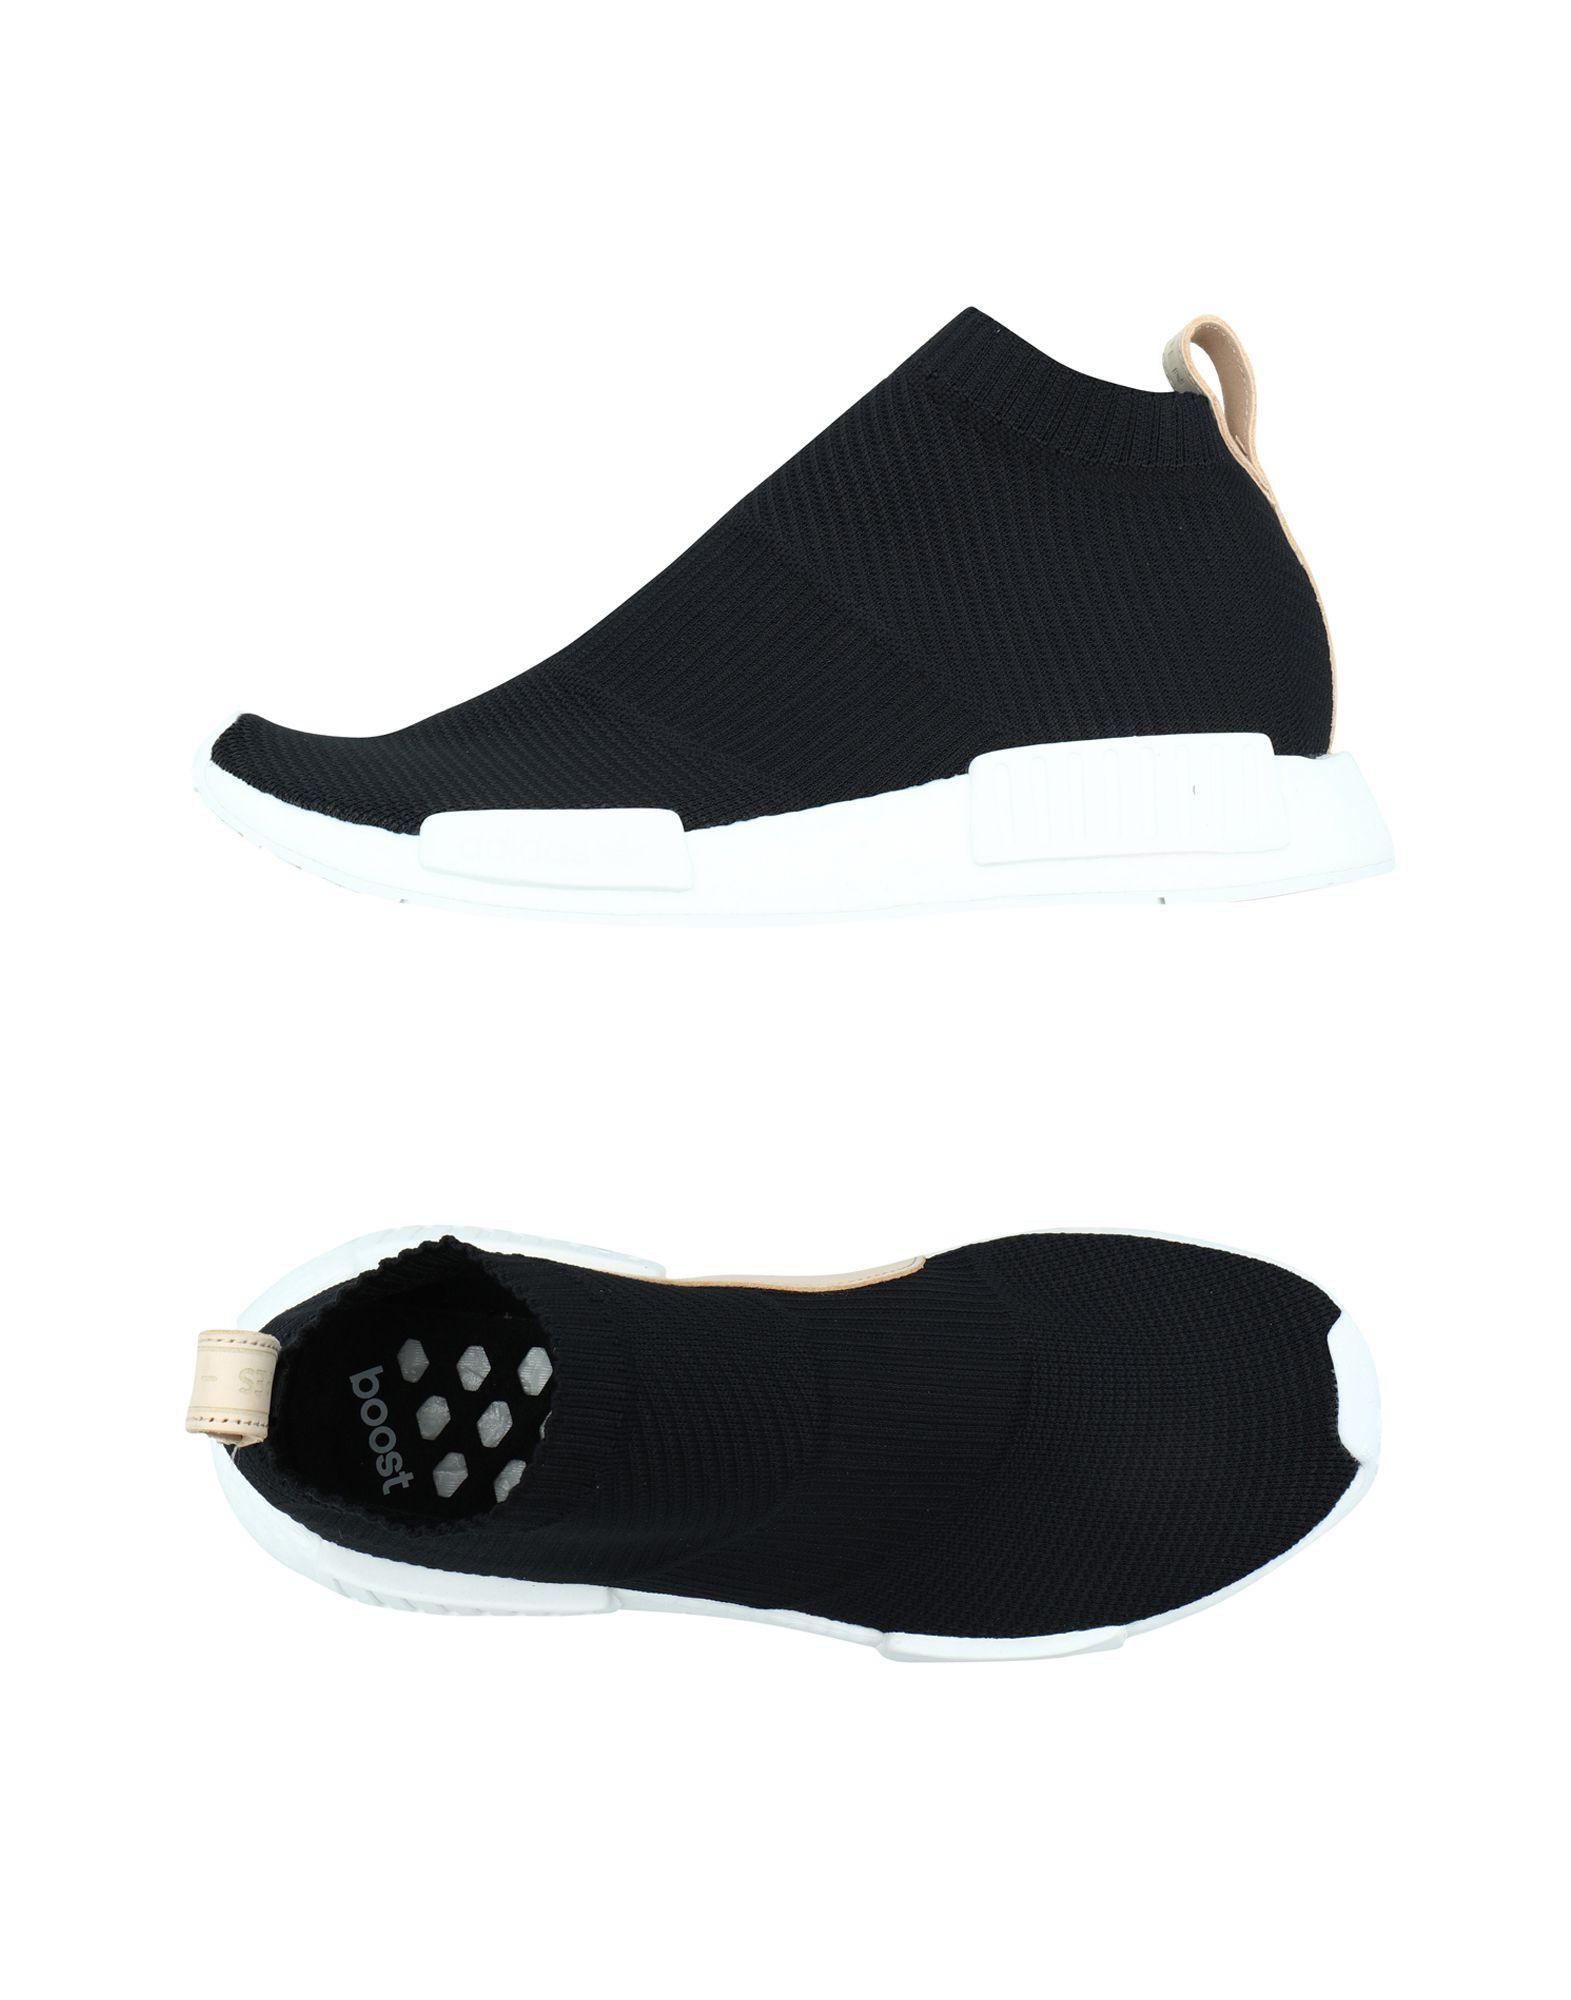 Zapatillas Adidas Zapatillas Originals Nmd_Cs1 Pk - Hombre - Zapatillas Adidas Adidas Originals  Negro fbb044